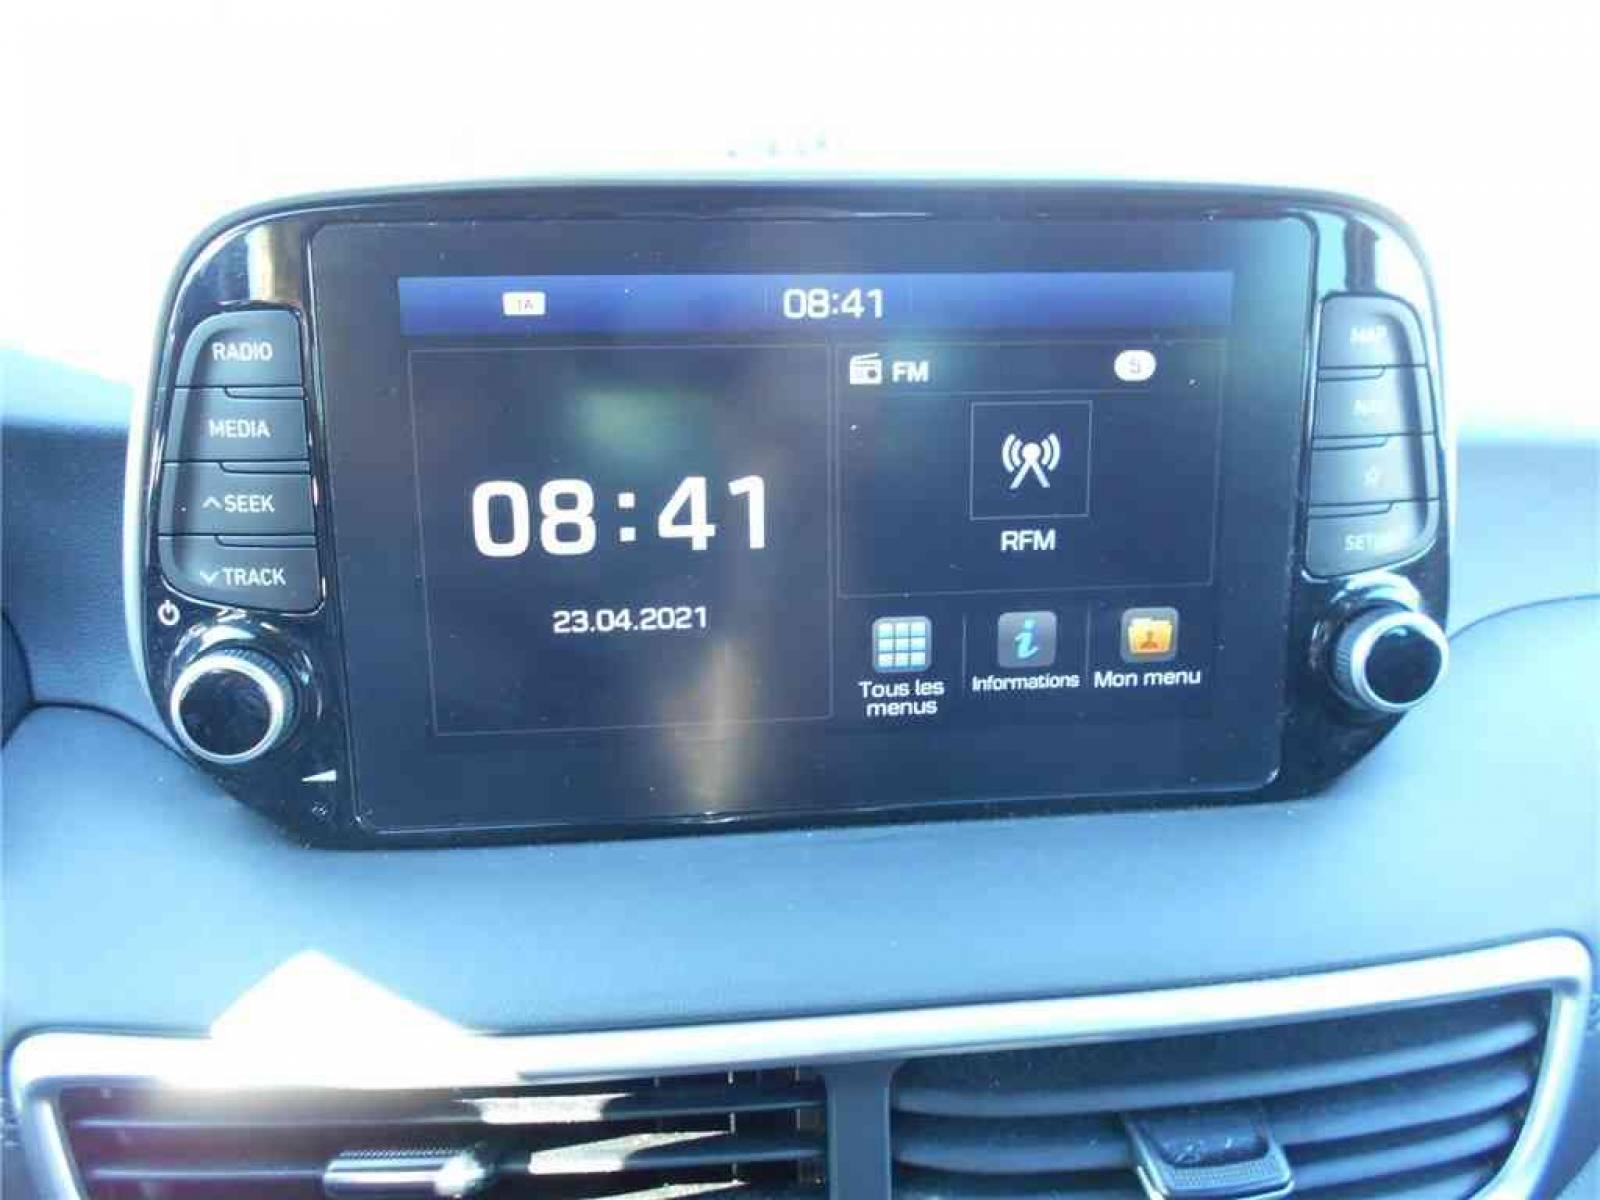 HYUNDAI Tucson 1.6 CRDi 115 - véhicule d'occasion - Groupe Guillet - Chalon Automobiles - 71100 - Chalon-sur-Saône - 23